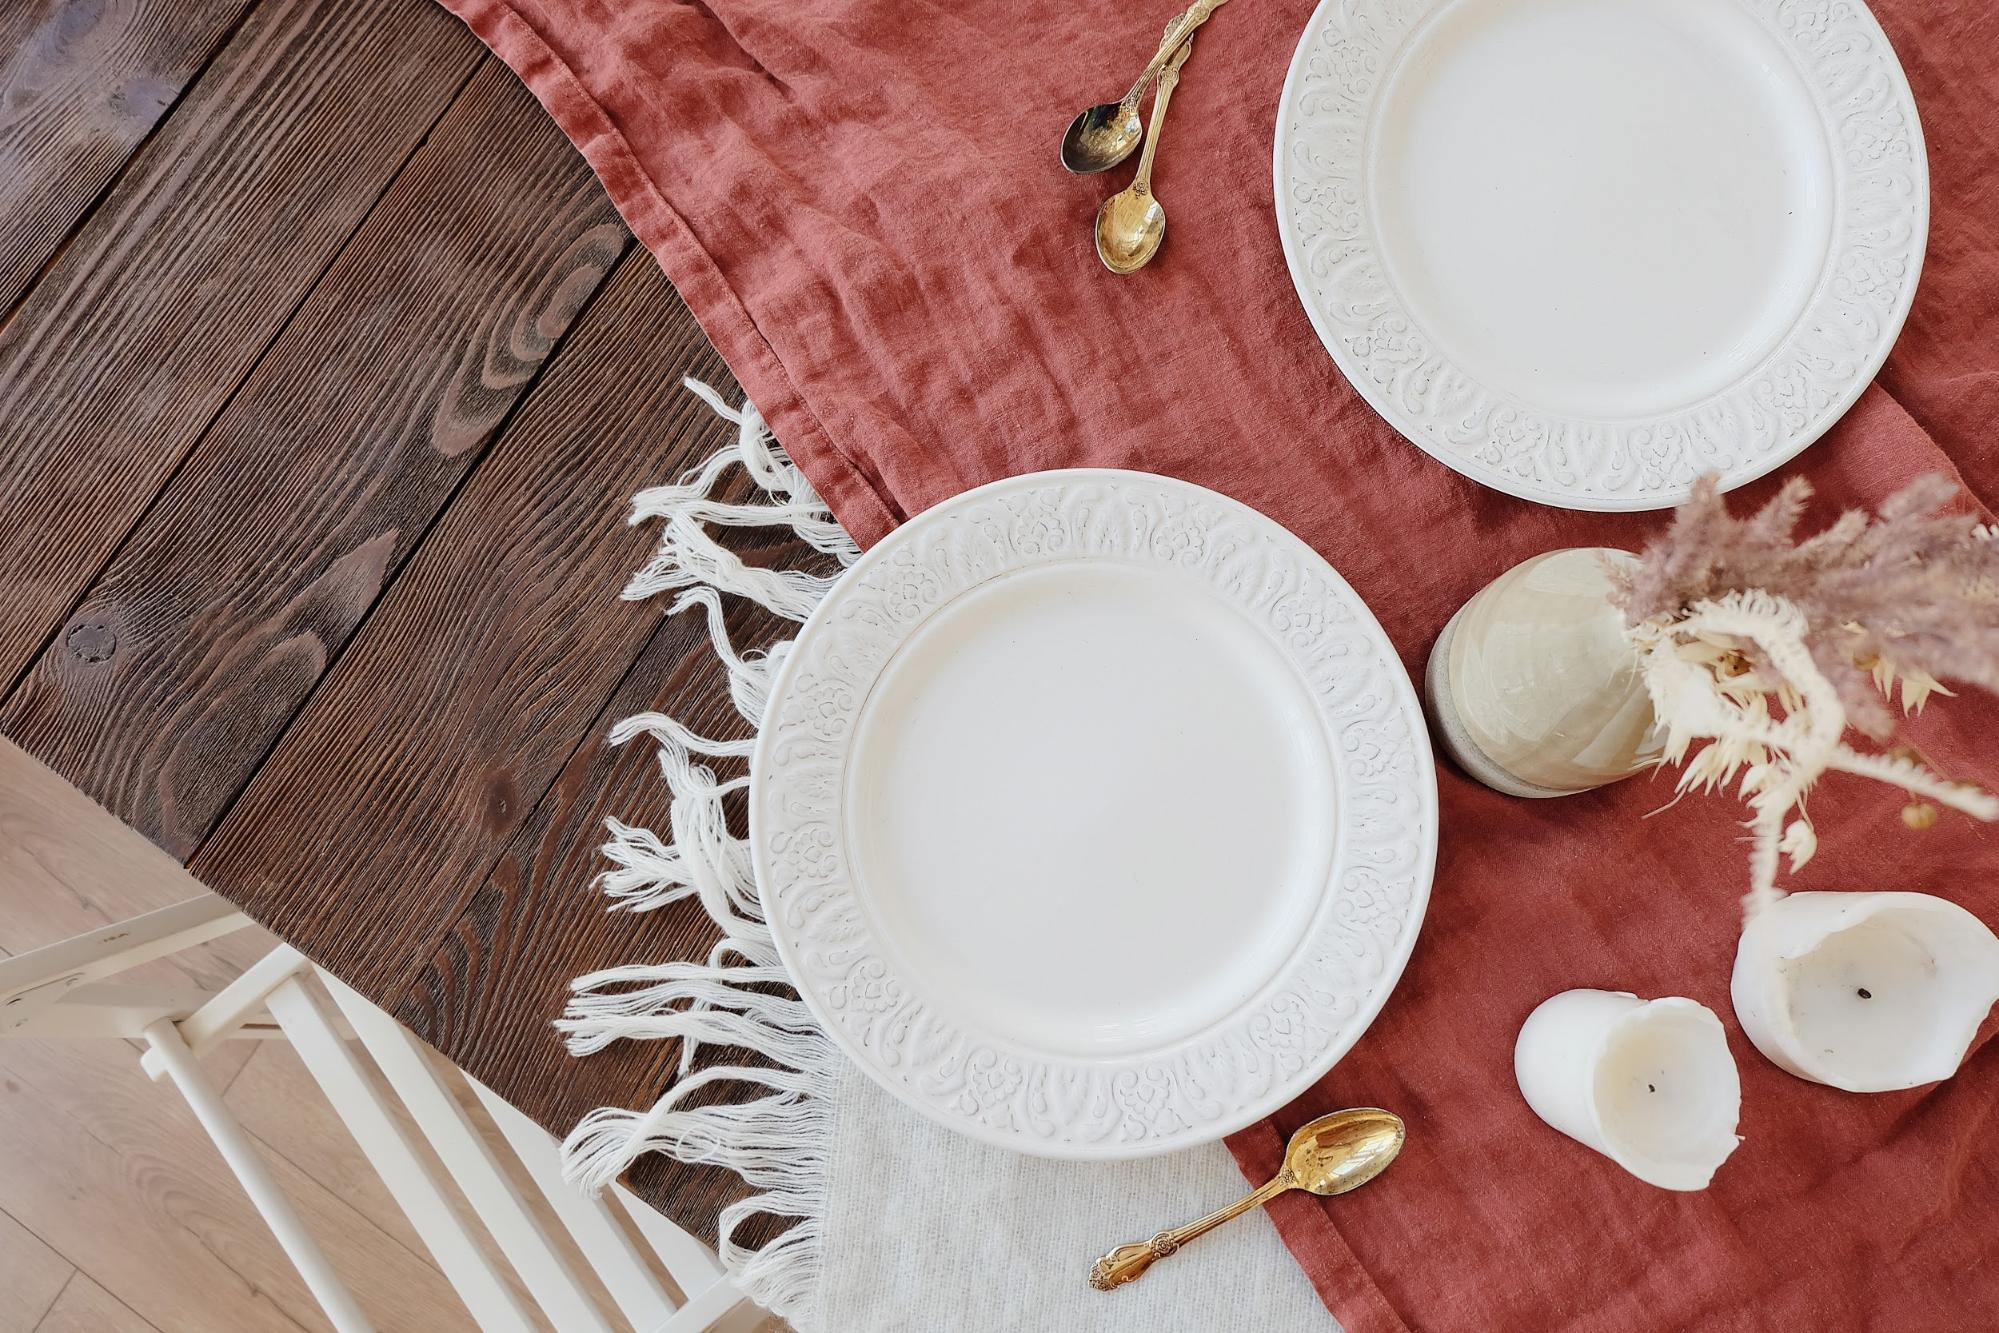 使いやすいお皿はどれ?おすすめの洋皿・和皿をご紹介します